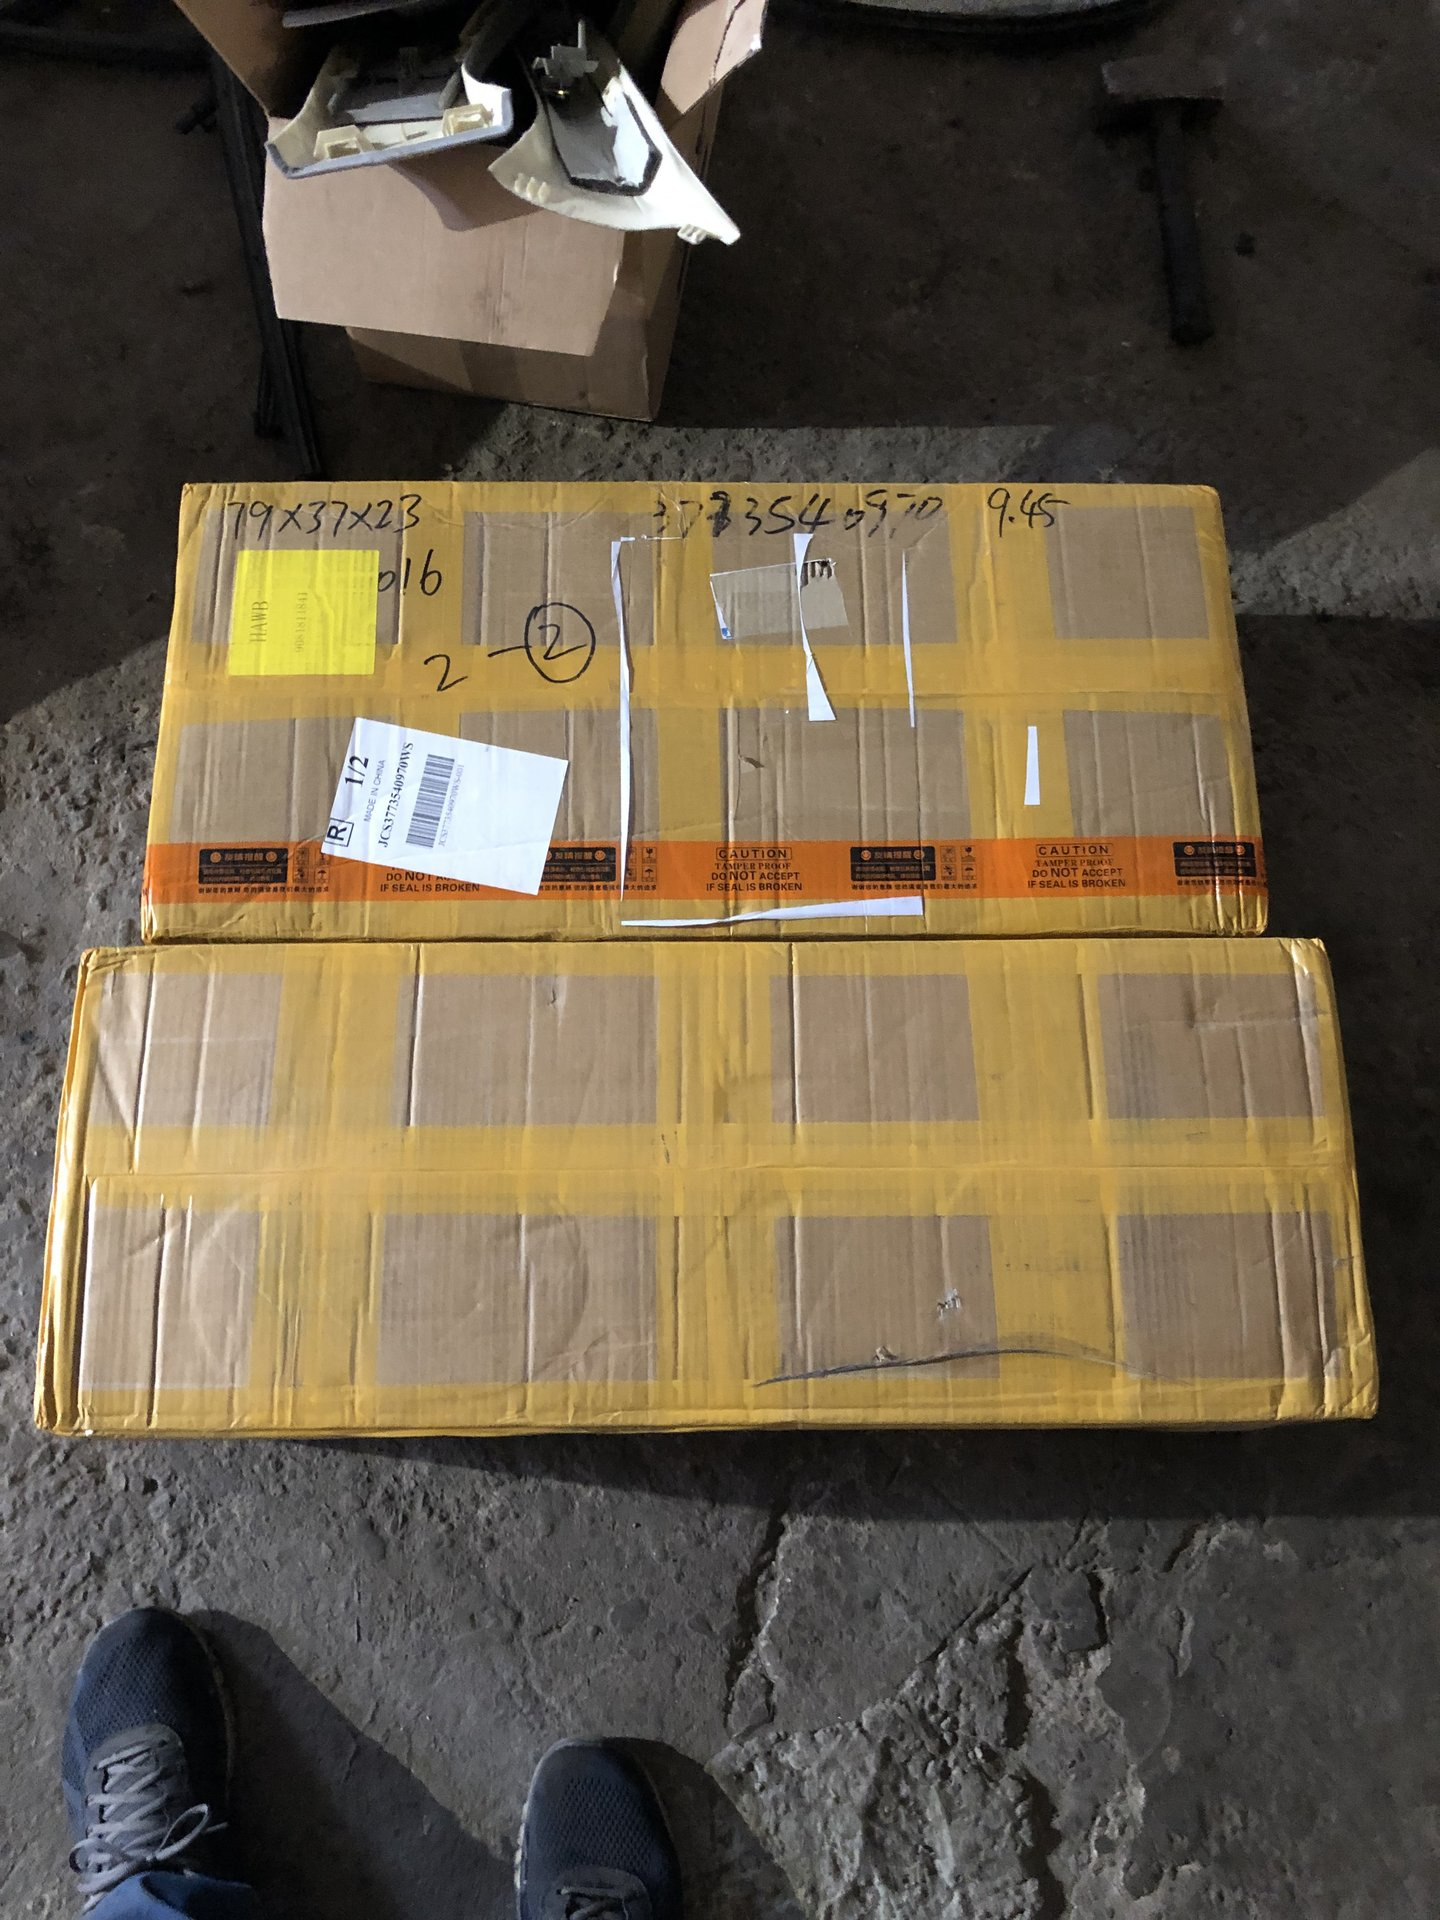 B5E288F9-13F1-4D6A-8AE4-BD6E5A3CE2A1.jpeg